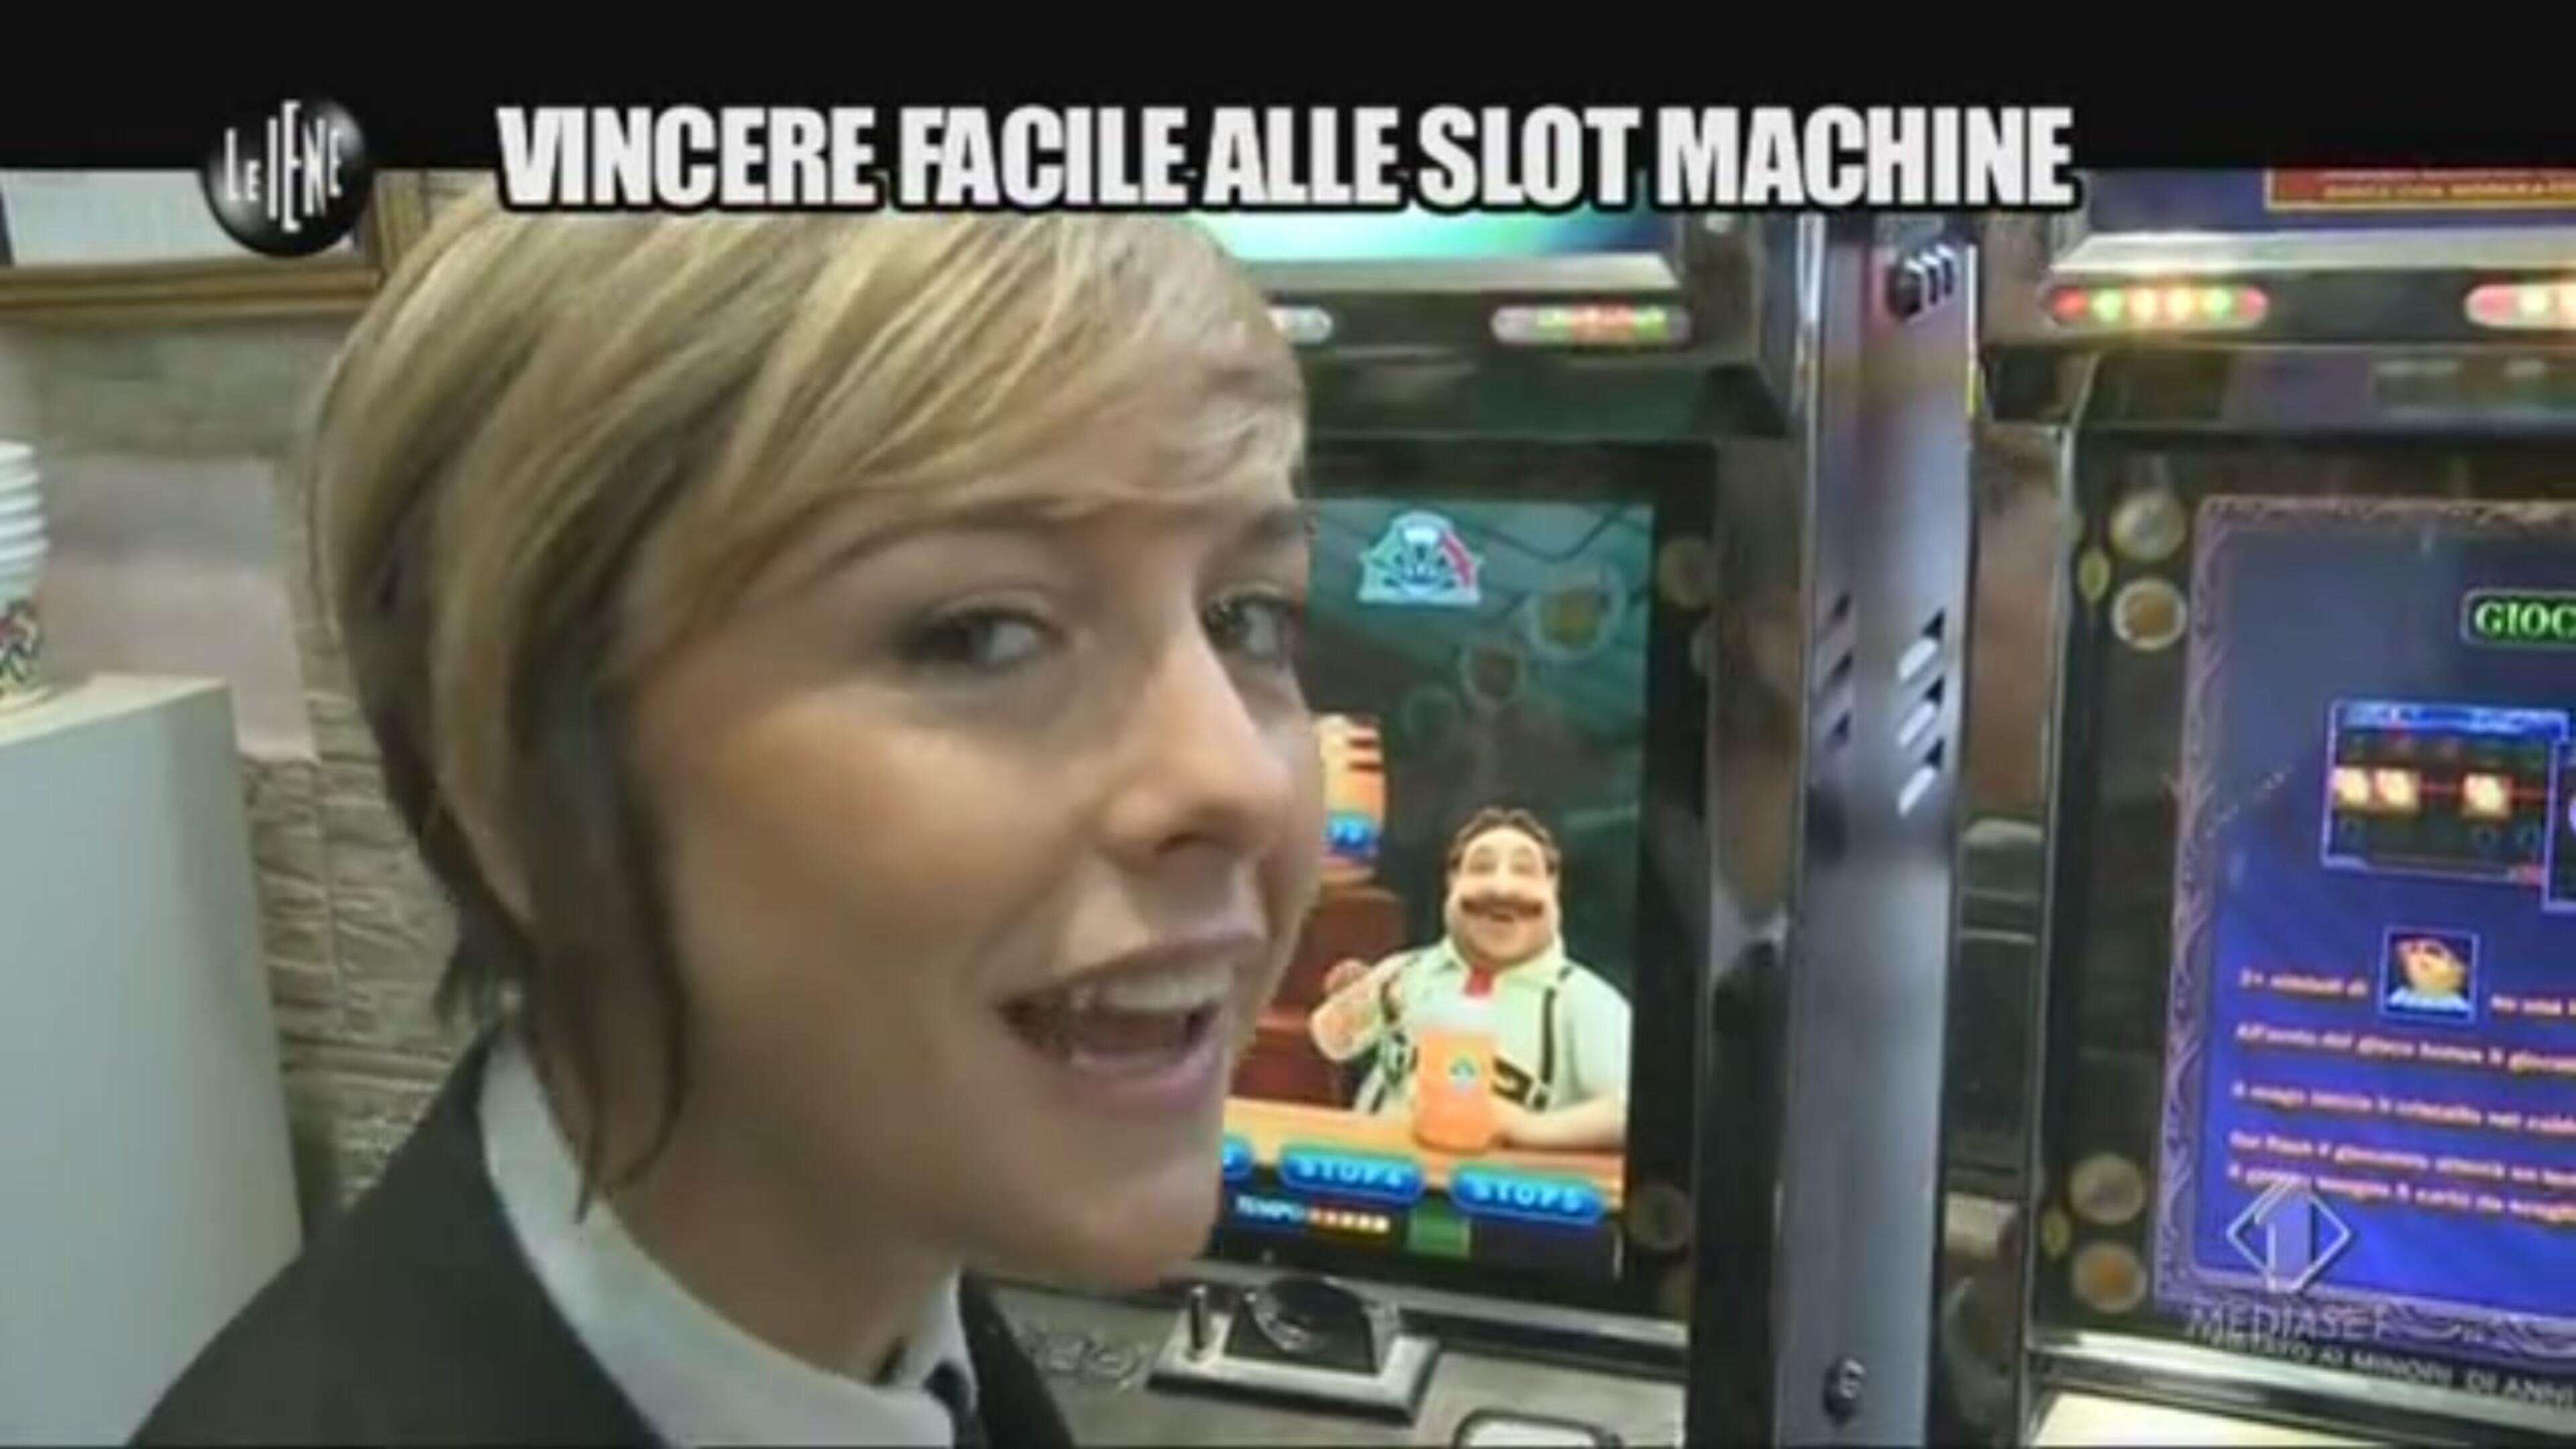 Slot machine come vincere